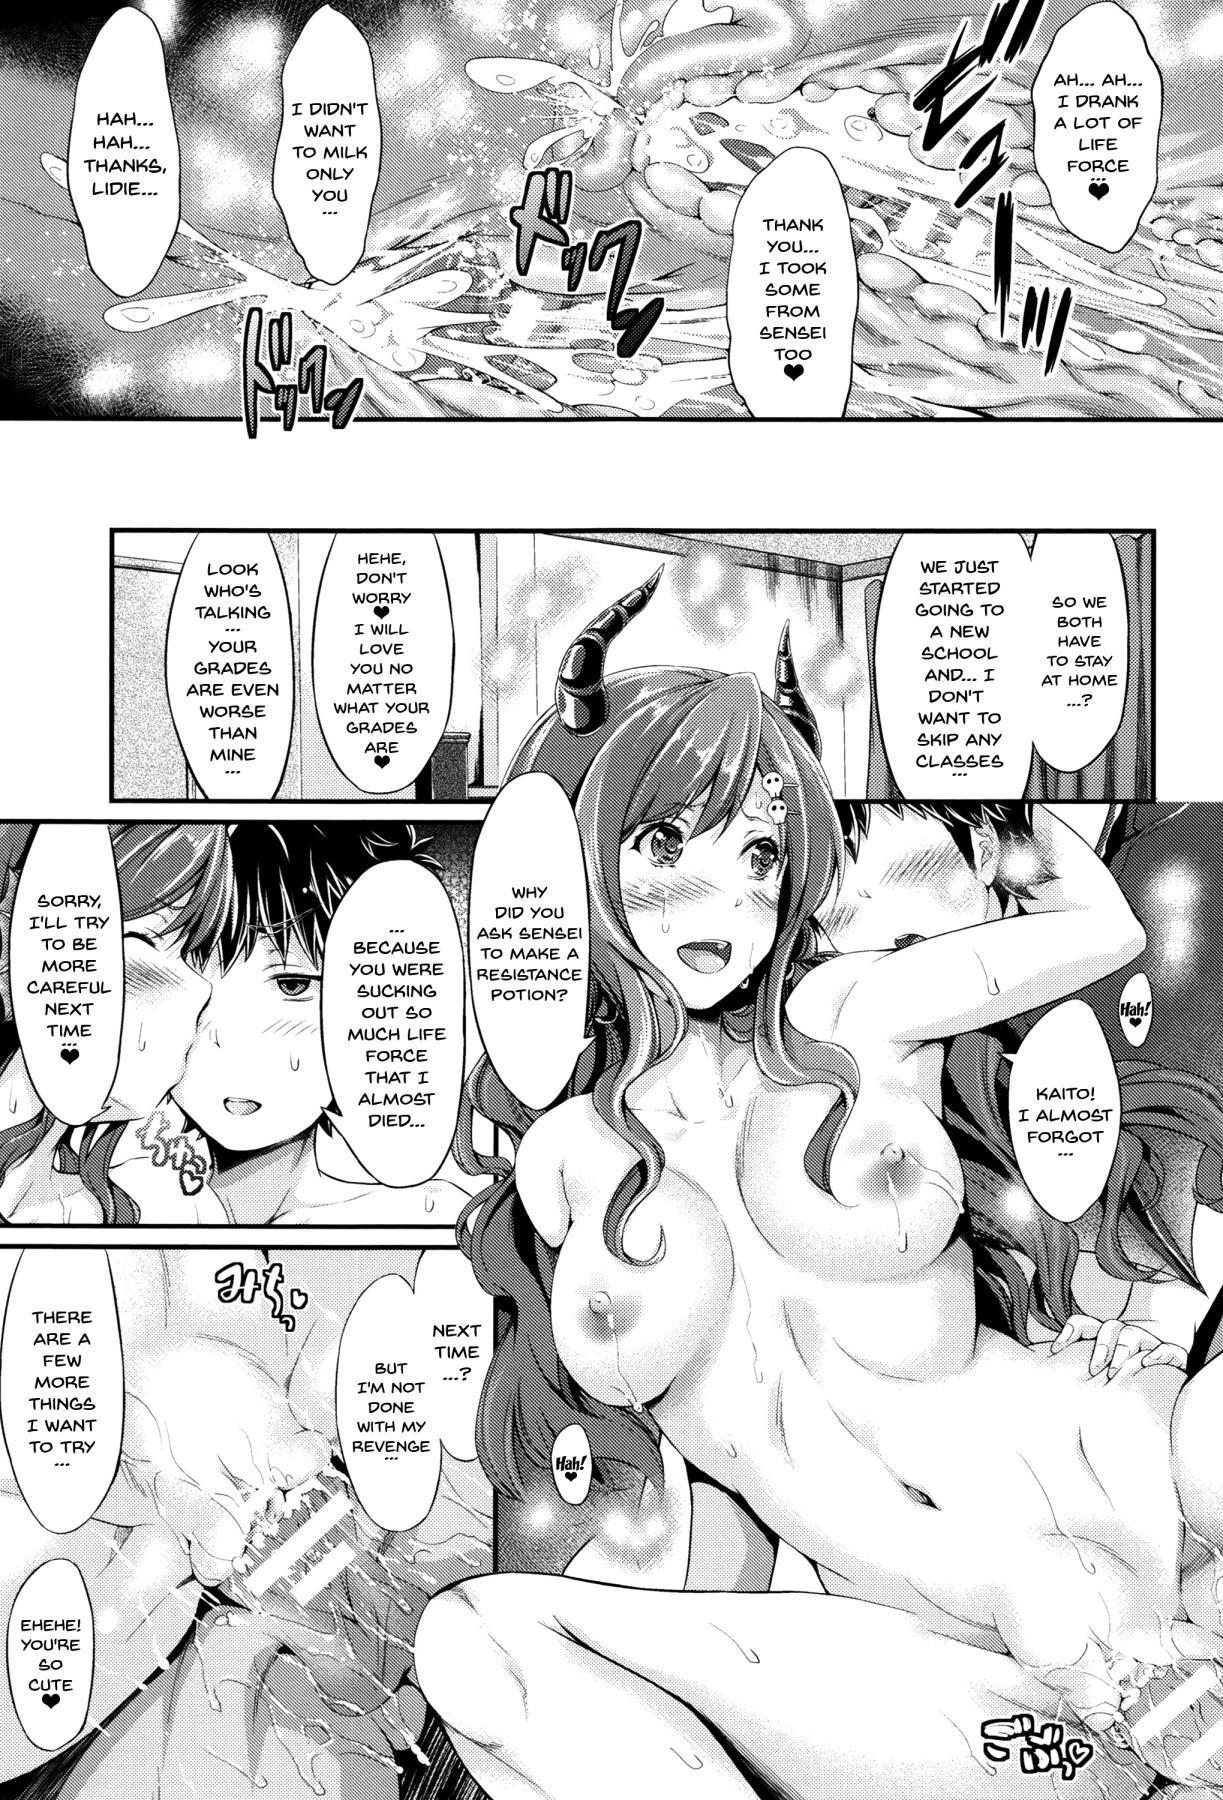 [Kimura Neito] Non-Human Life Ch.1-2 [English] {Doujins.com} 50